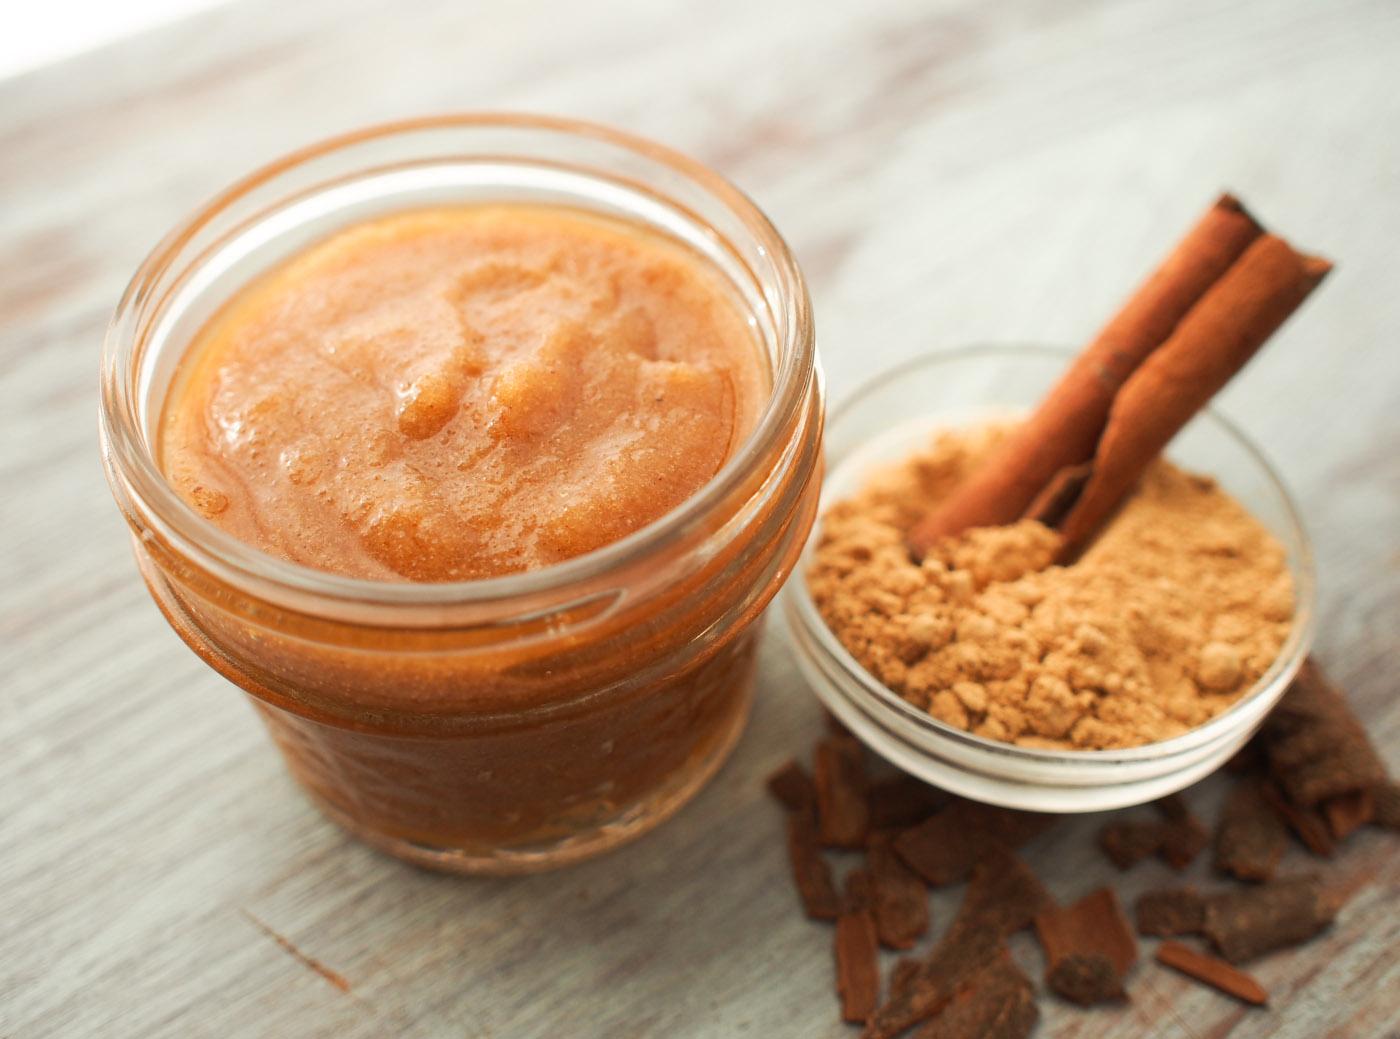 скраб для тела с морской солью в домашних условиях солевые рецепты